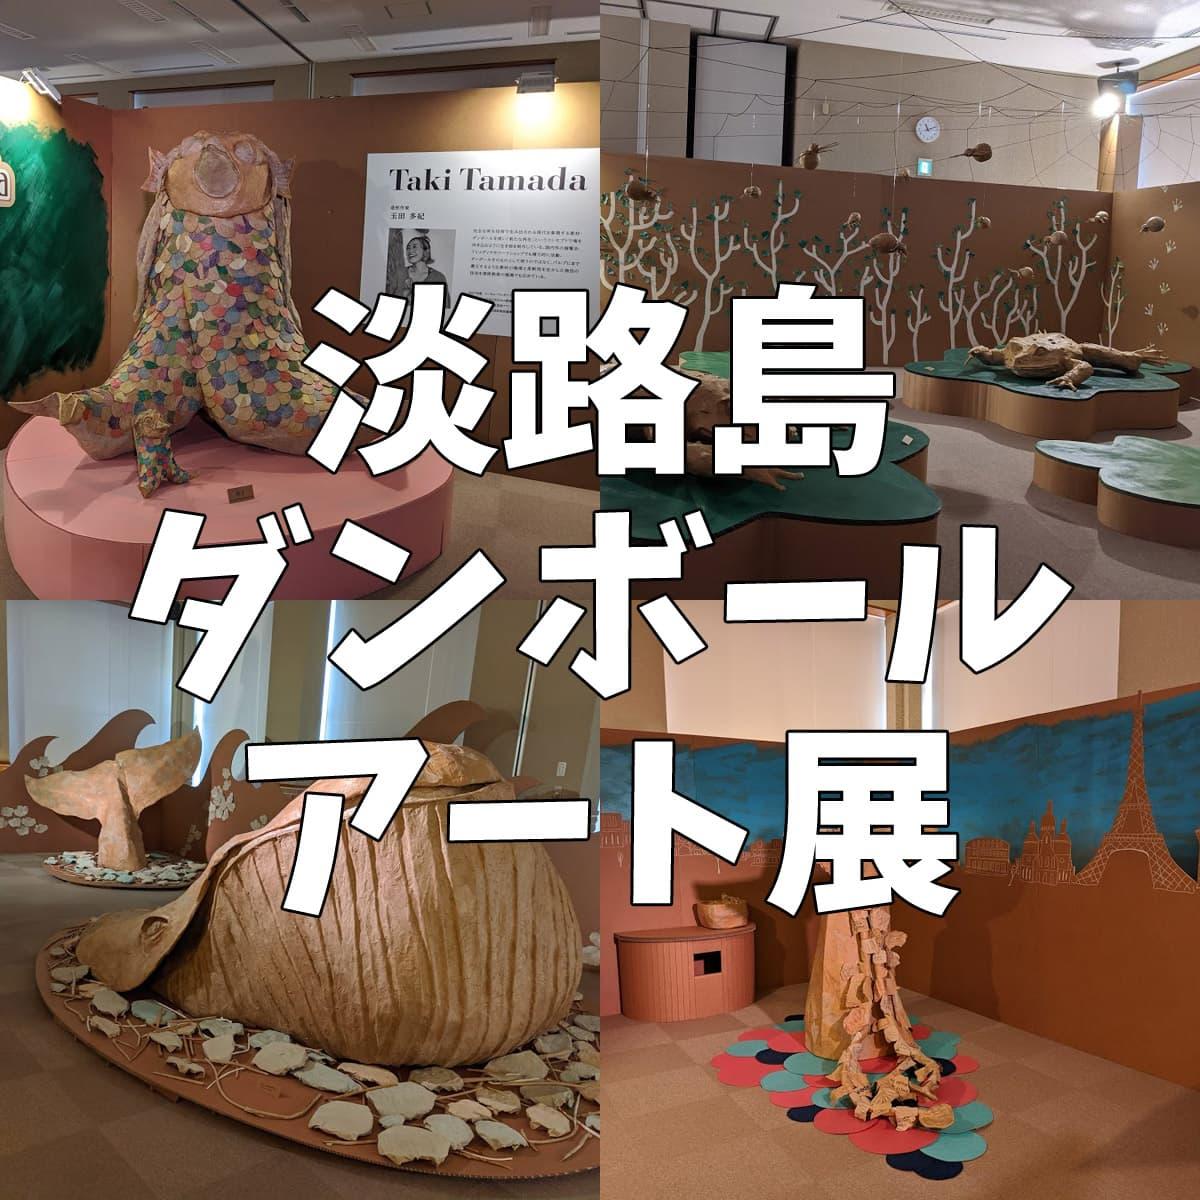 ダンボールアート展 淡路島